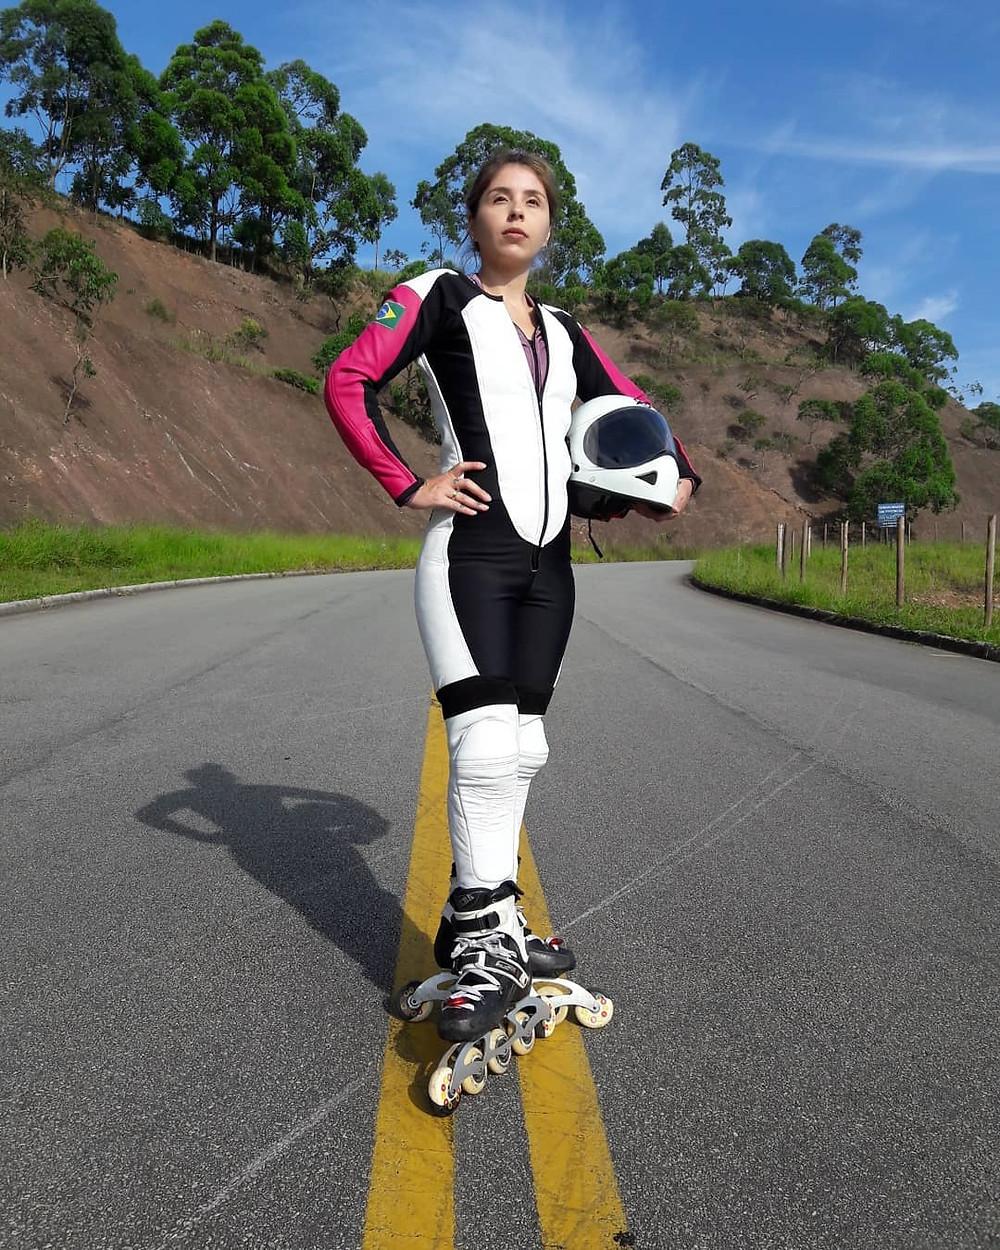 Atleta Camila Cavalheiro com macacão em couro branco e rosa, segurando seu capacete de downhill na mão.